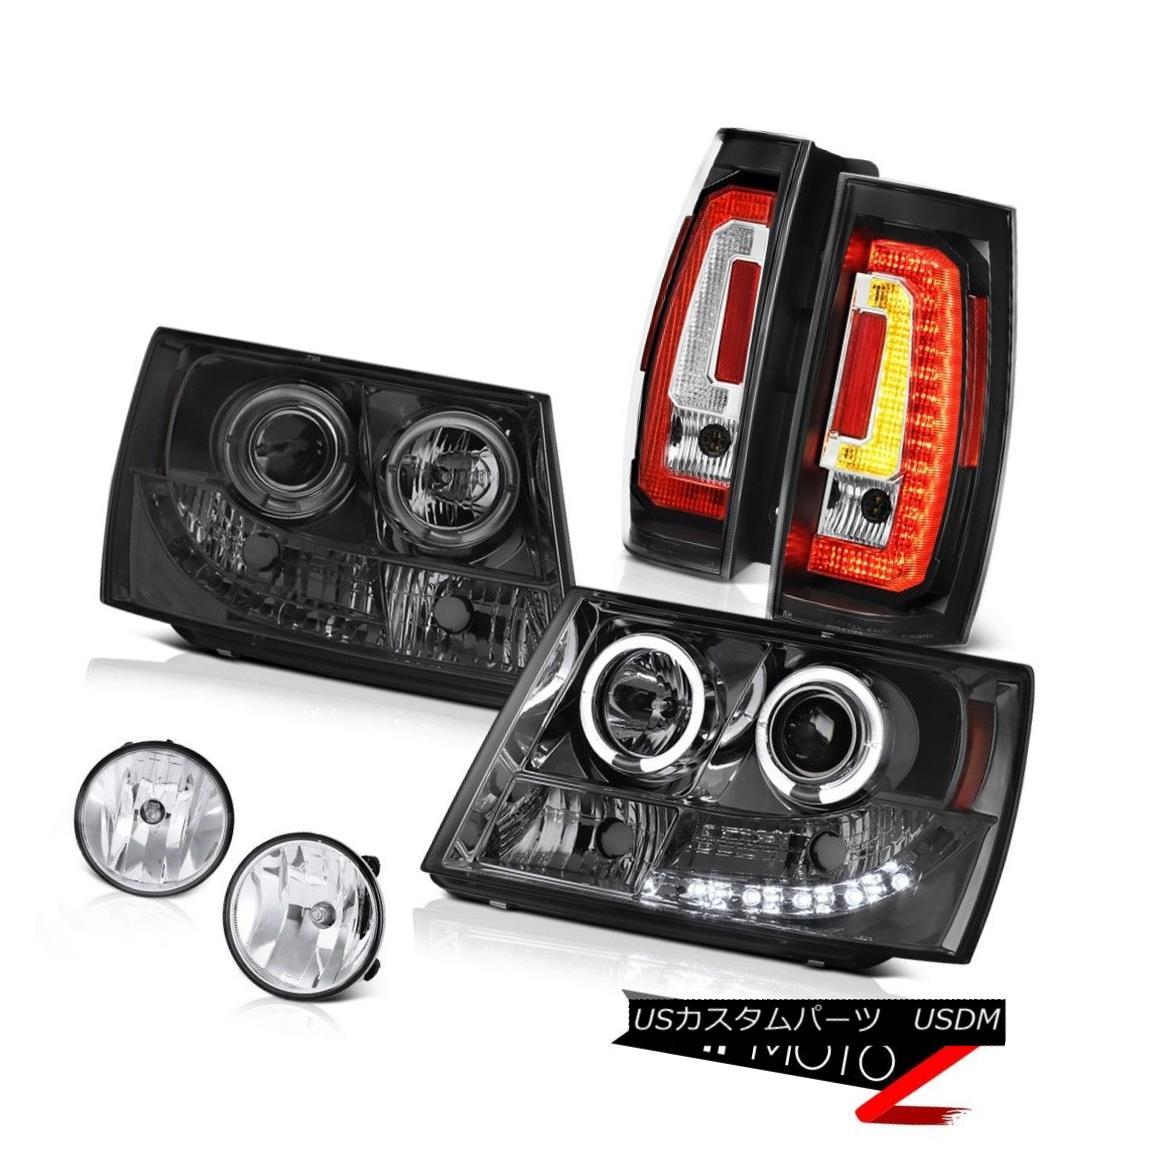 テールライト 07-14 Chevy Suburban Phantom Smoke Projector Head Lamps Raven Black Rear Fog L+R 07-14シボレー郊外ファントム煙プロジェクターヘッドランプレイブンブラックリアフォグL + R